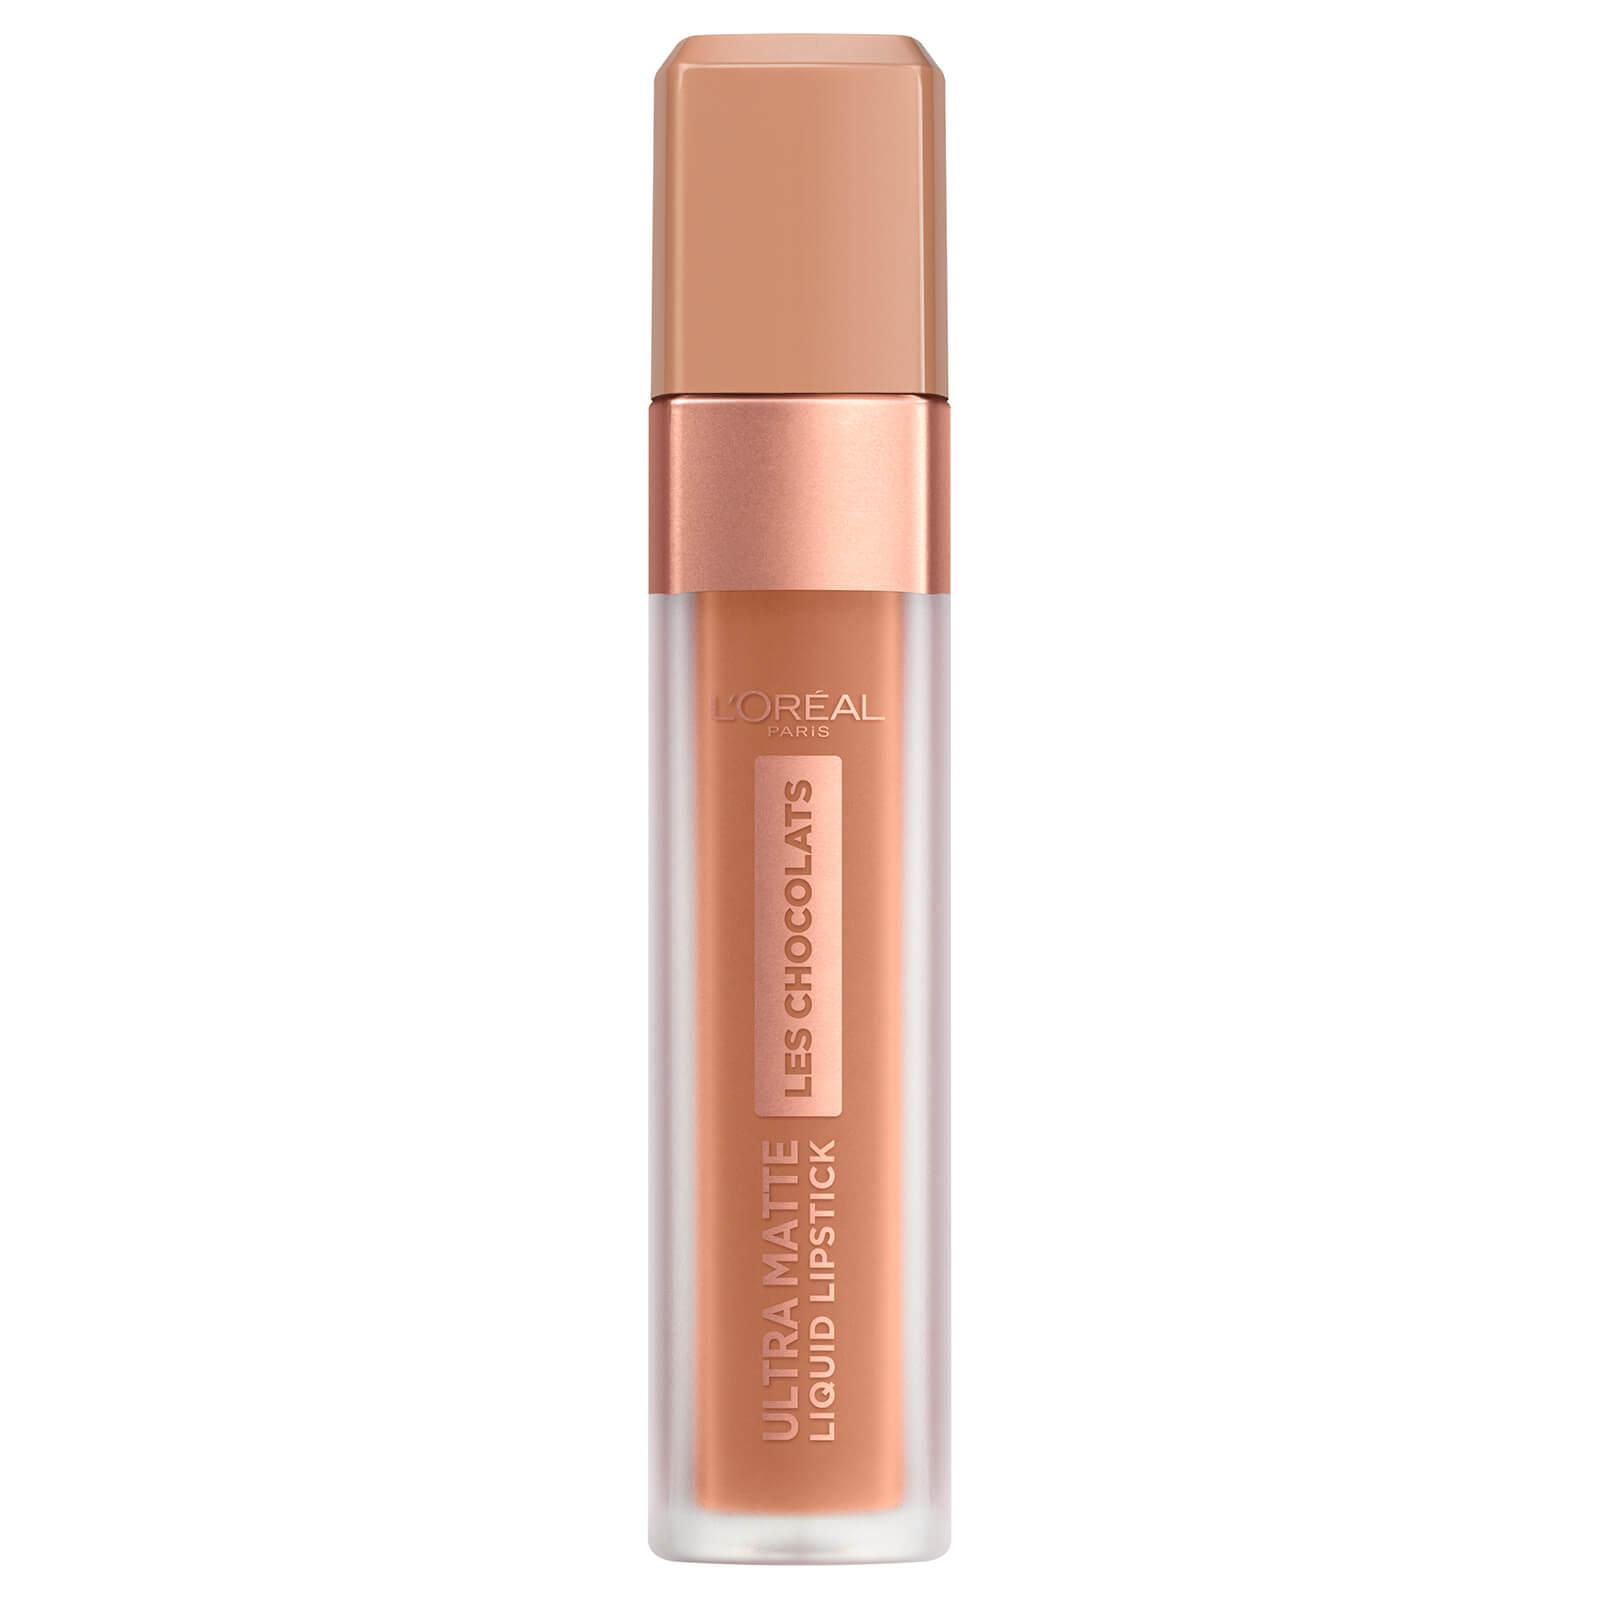 L'Oréal Paris Les Chocolats Ultra Matte Liquid Lipstick (Various Shades) - 860 Ginger Bomb